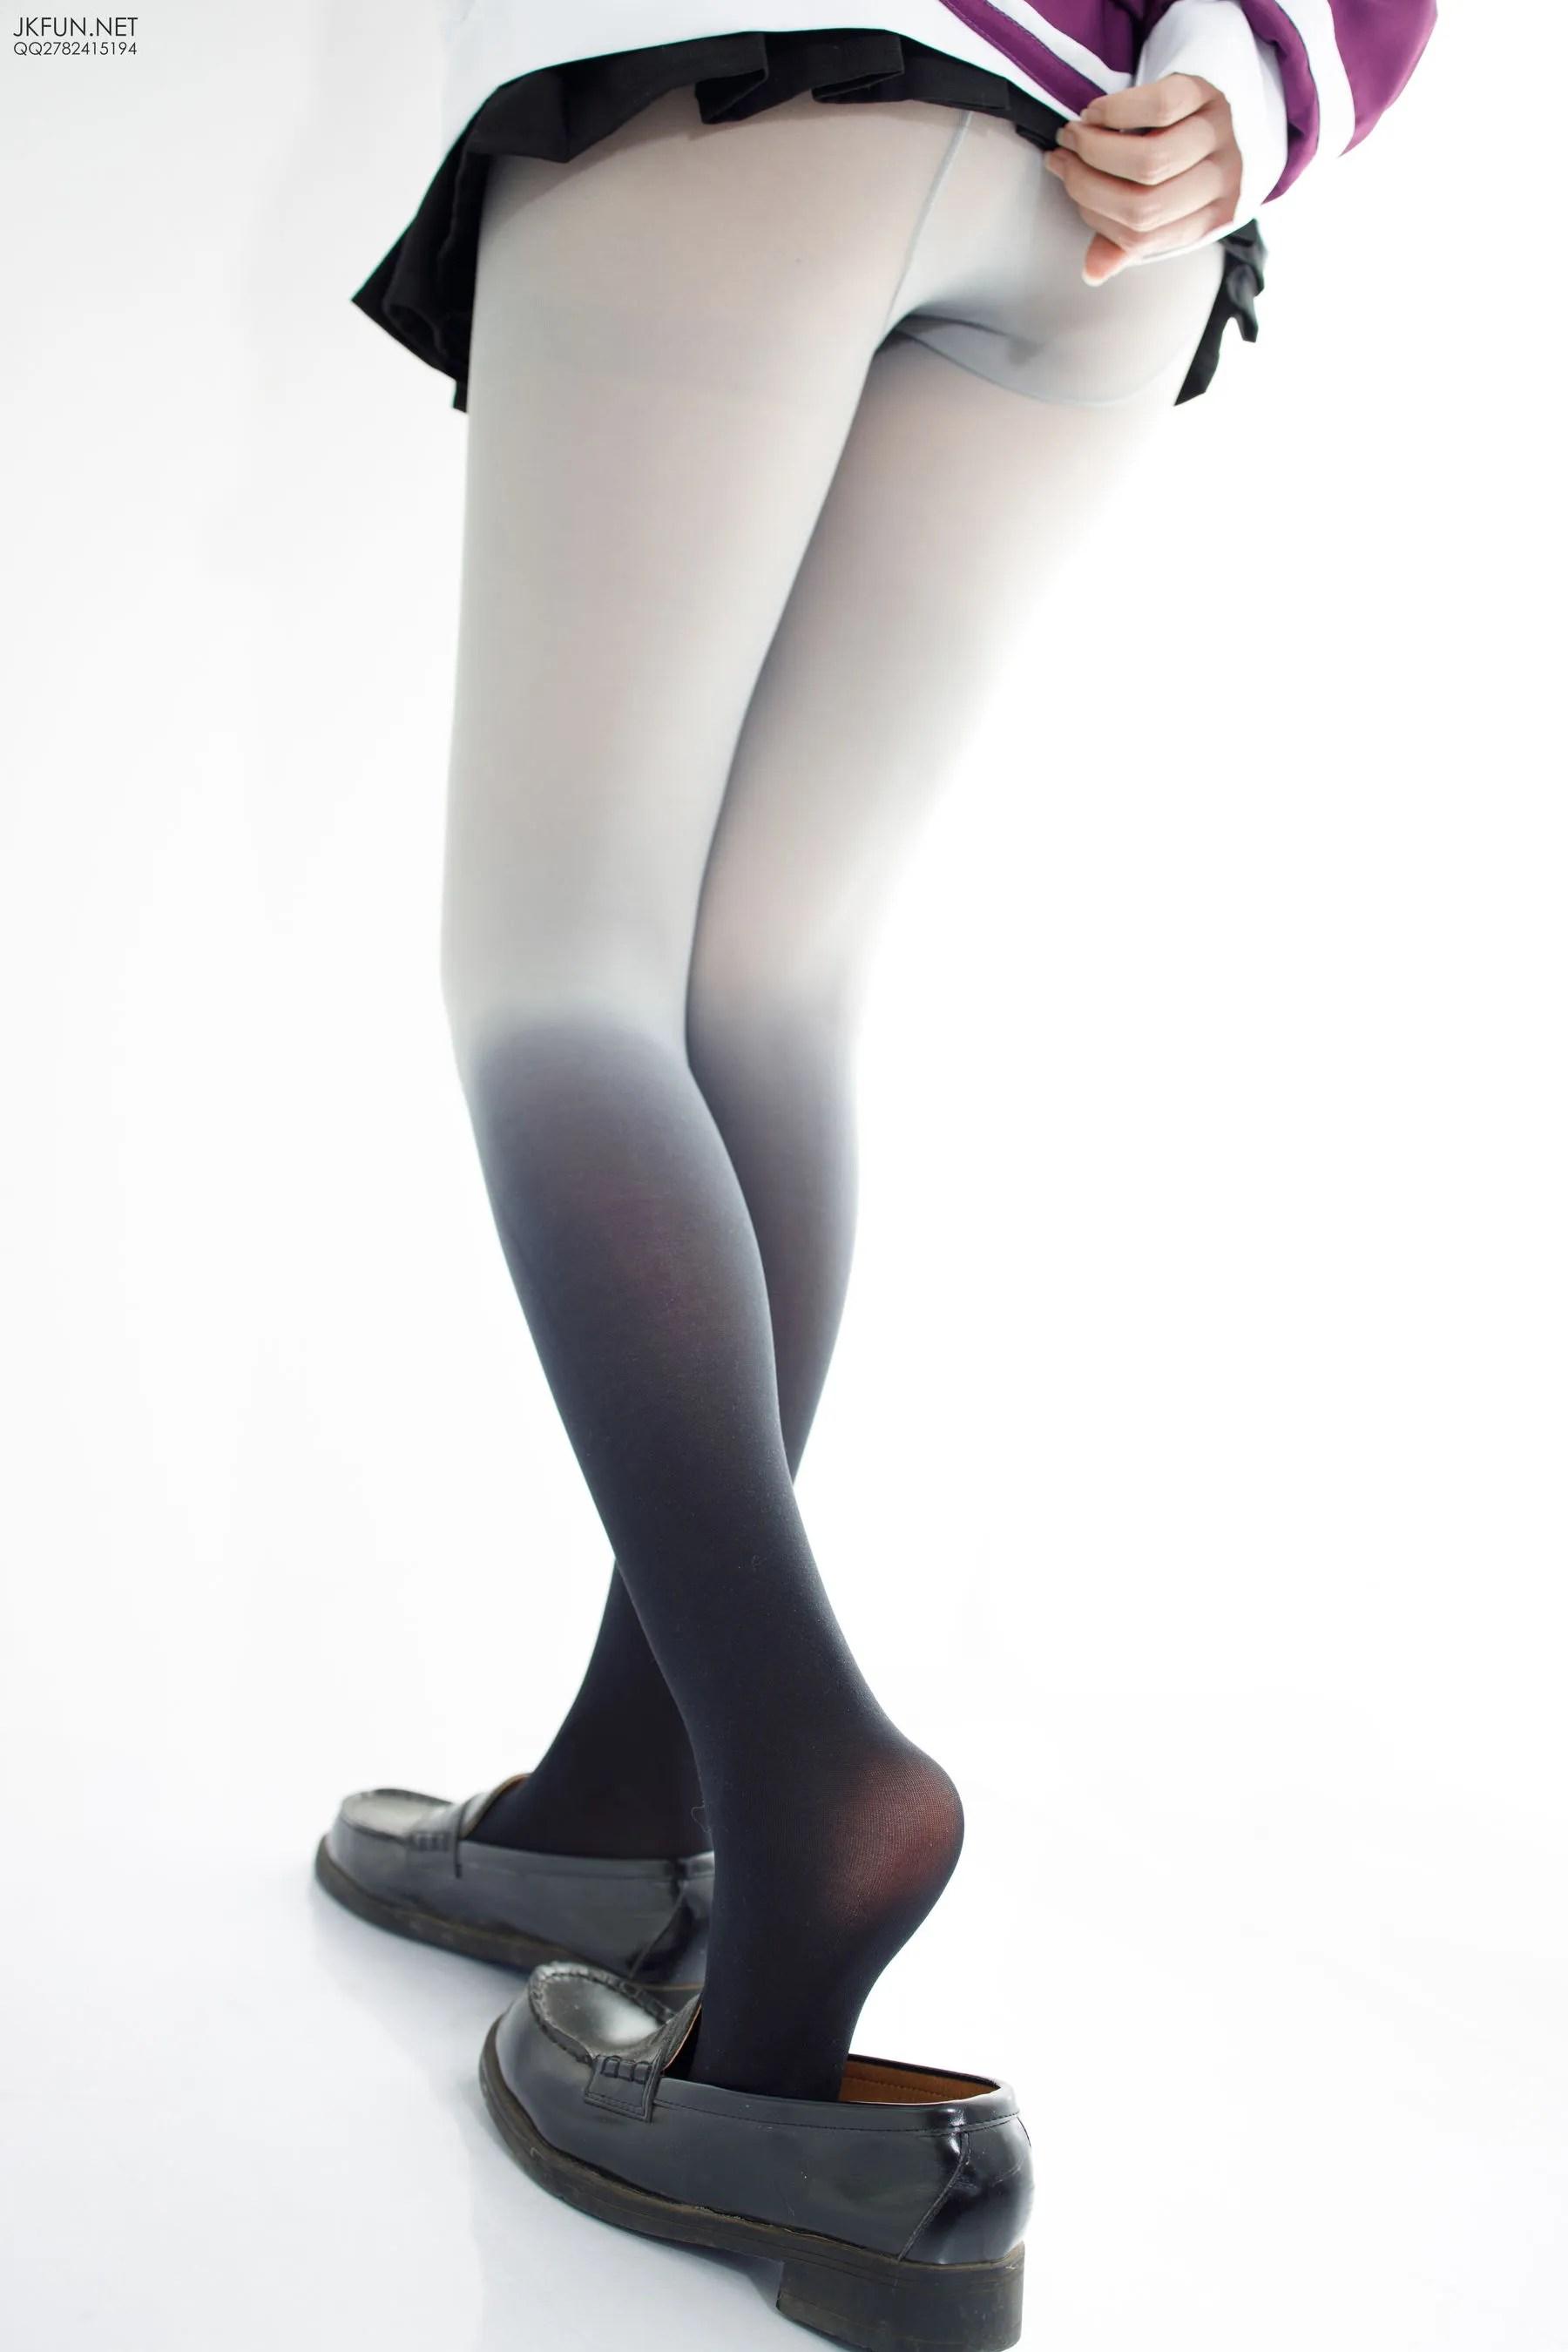 雪晴《COSPLAYER》 [森萝财团] JKFUN-004 写真集[123P]插图(10)